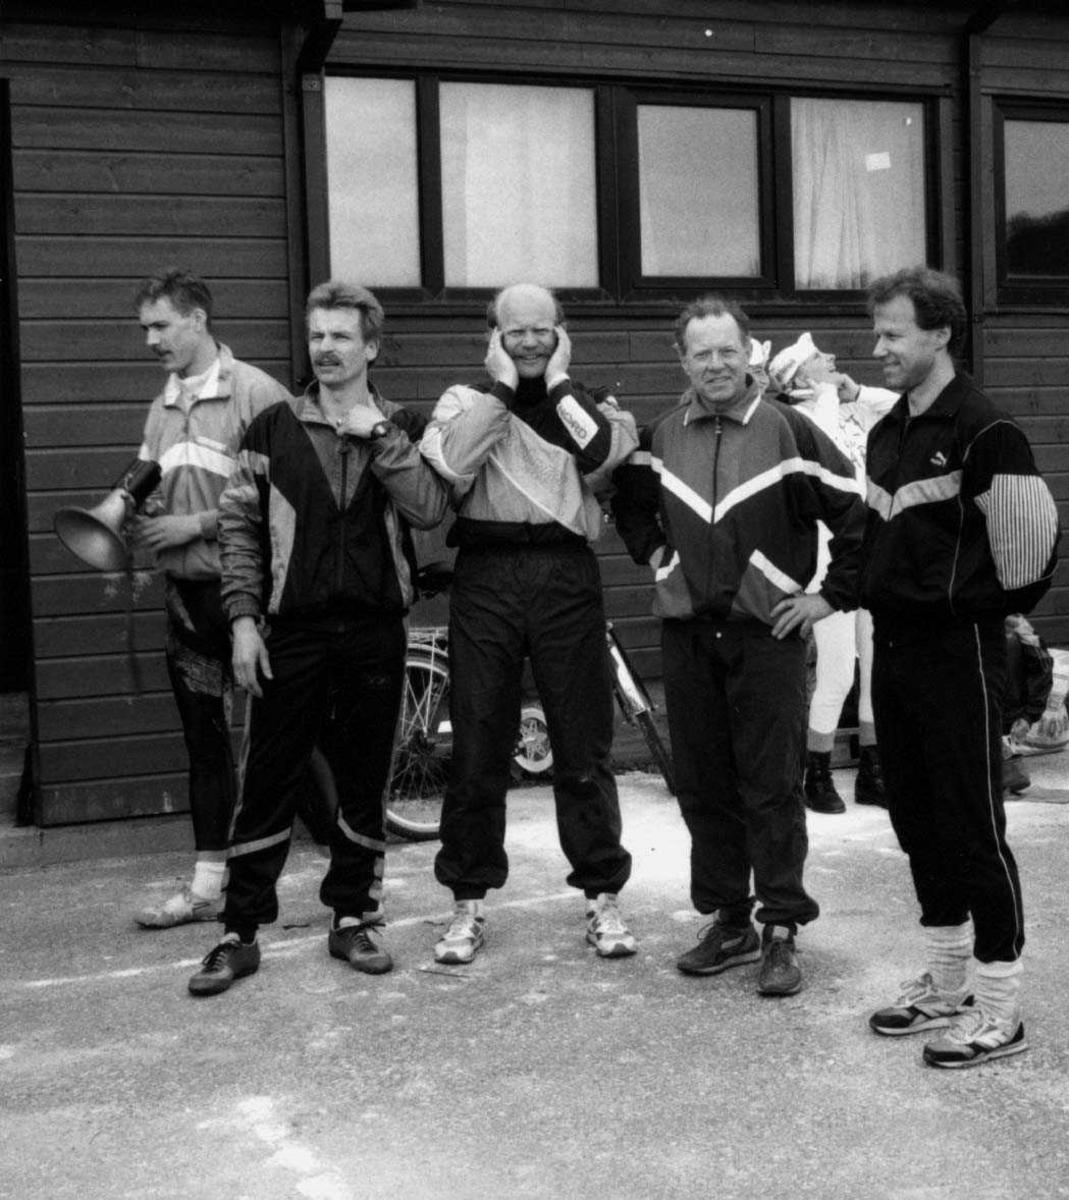 Gruppe.  Fem personer i idrettsantrekk utenfor en bygning.